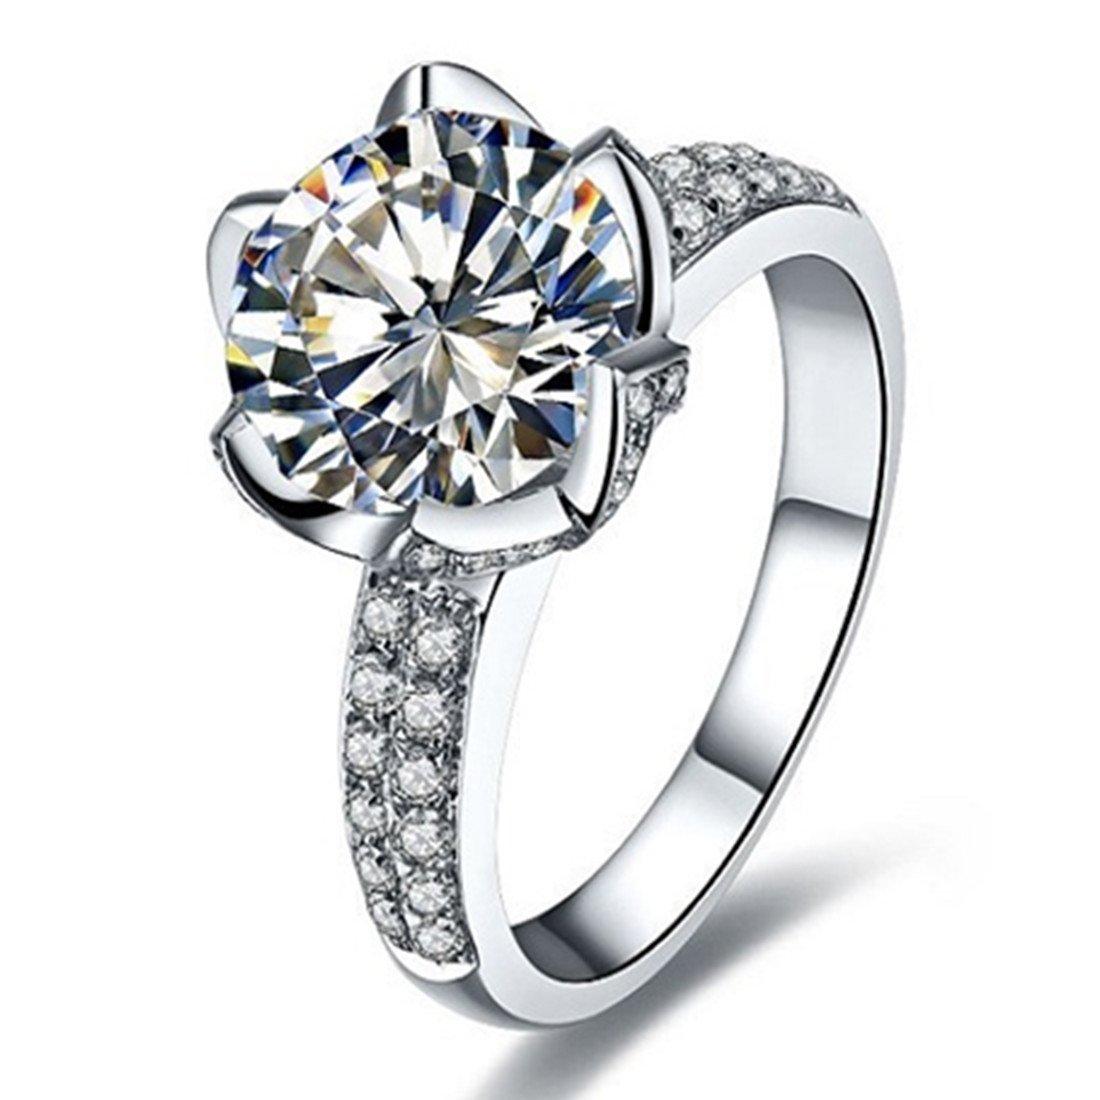 3CT Test Real 18K White Gold Moissanite Diamond Ring Women Lotus Jewlery Engagement Brand Ring